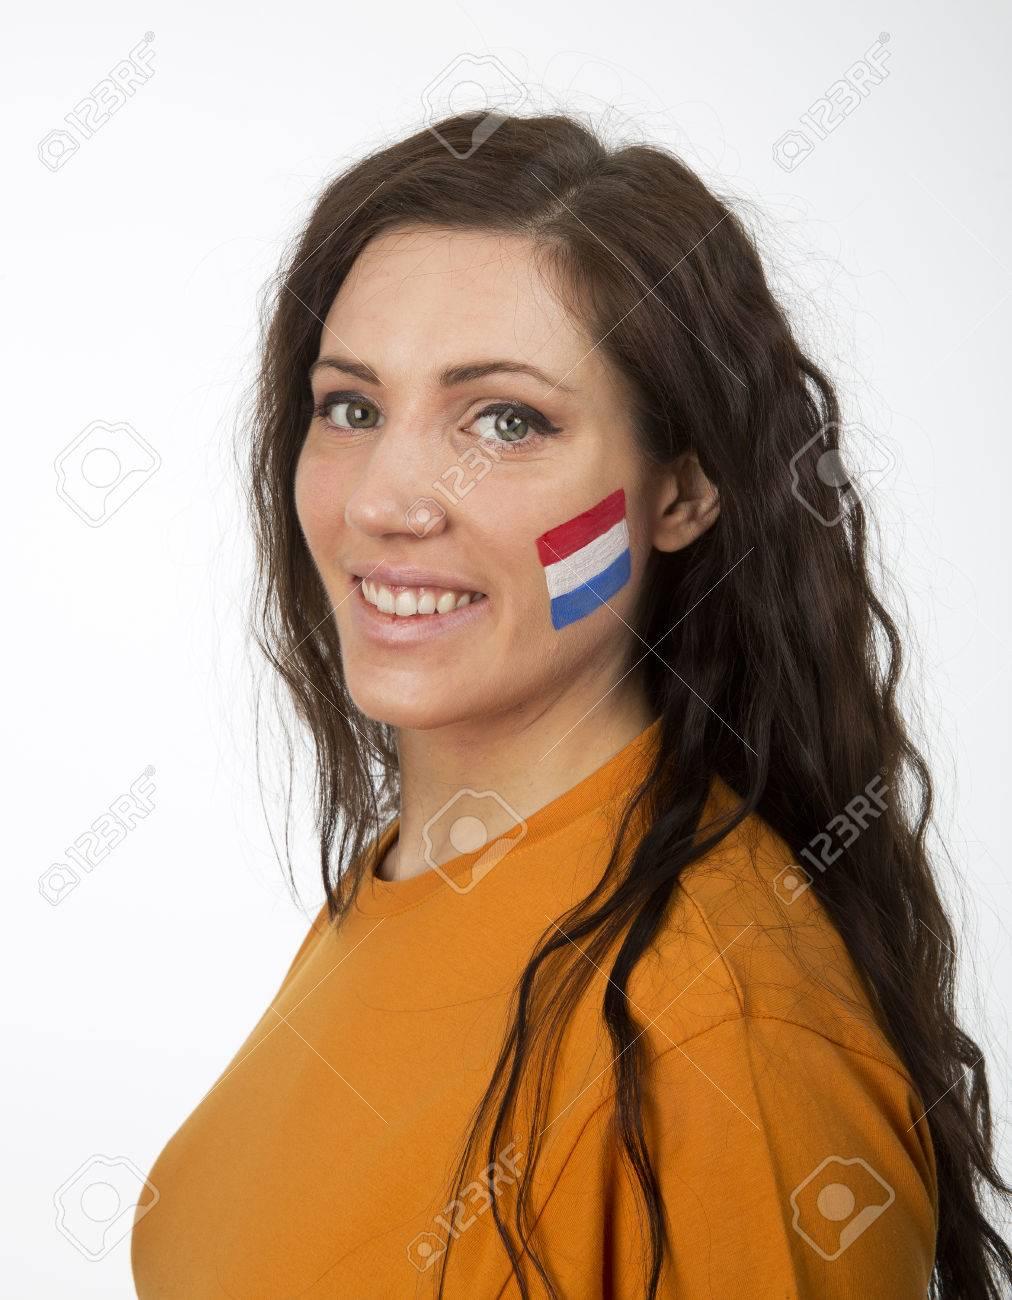 Bezaubernd Gesicht Bemalen Ideen Von Junges Mädchen Mit Der Niederländischen Flagge Im